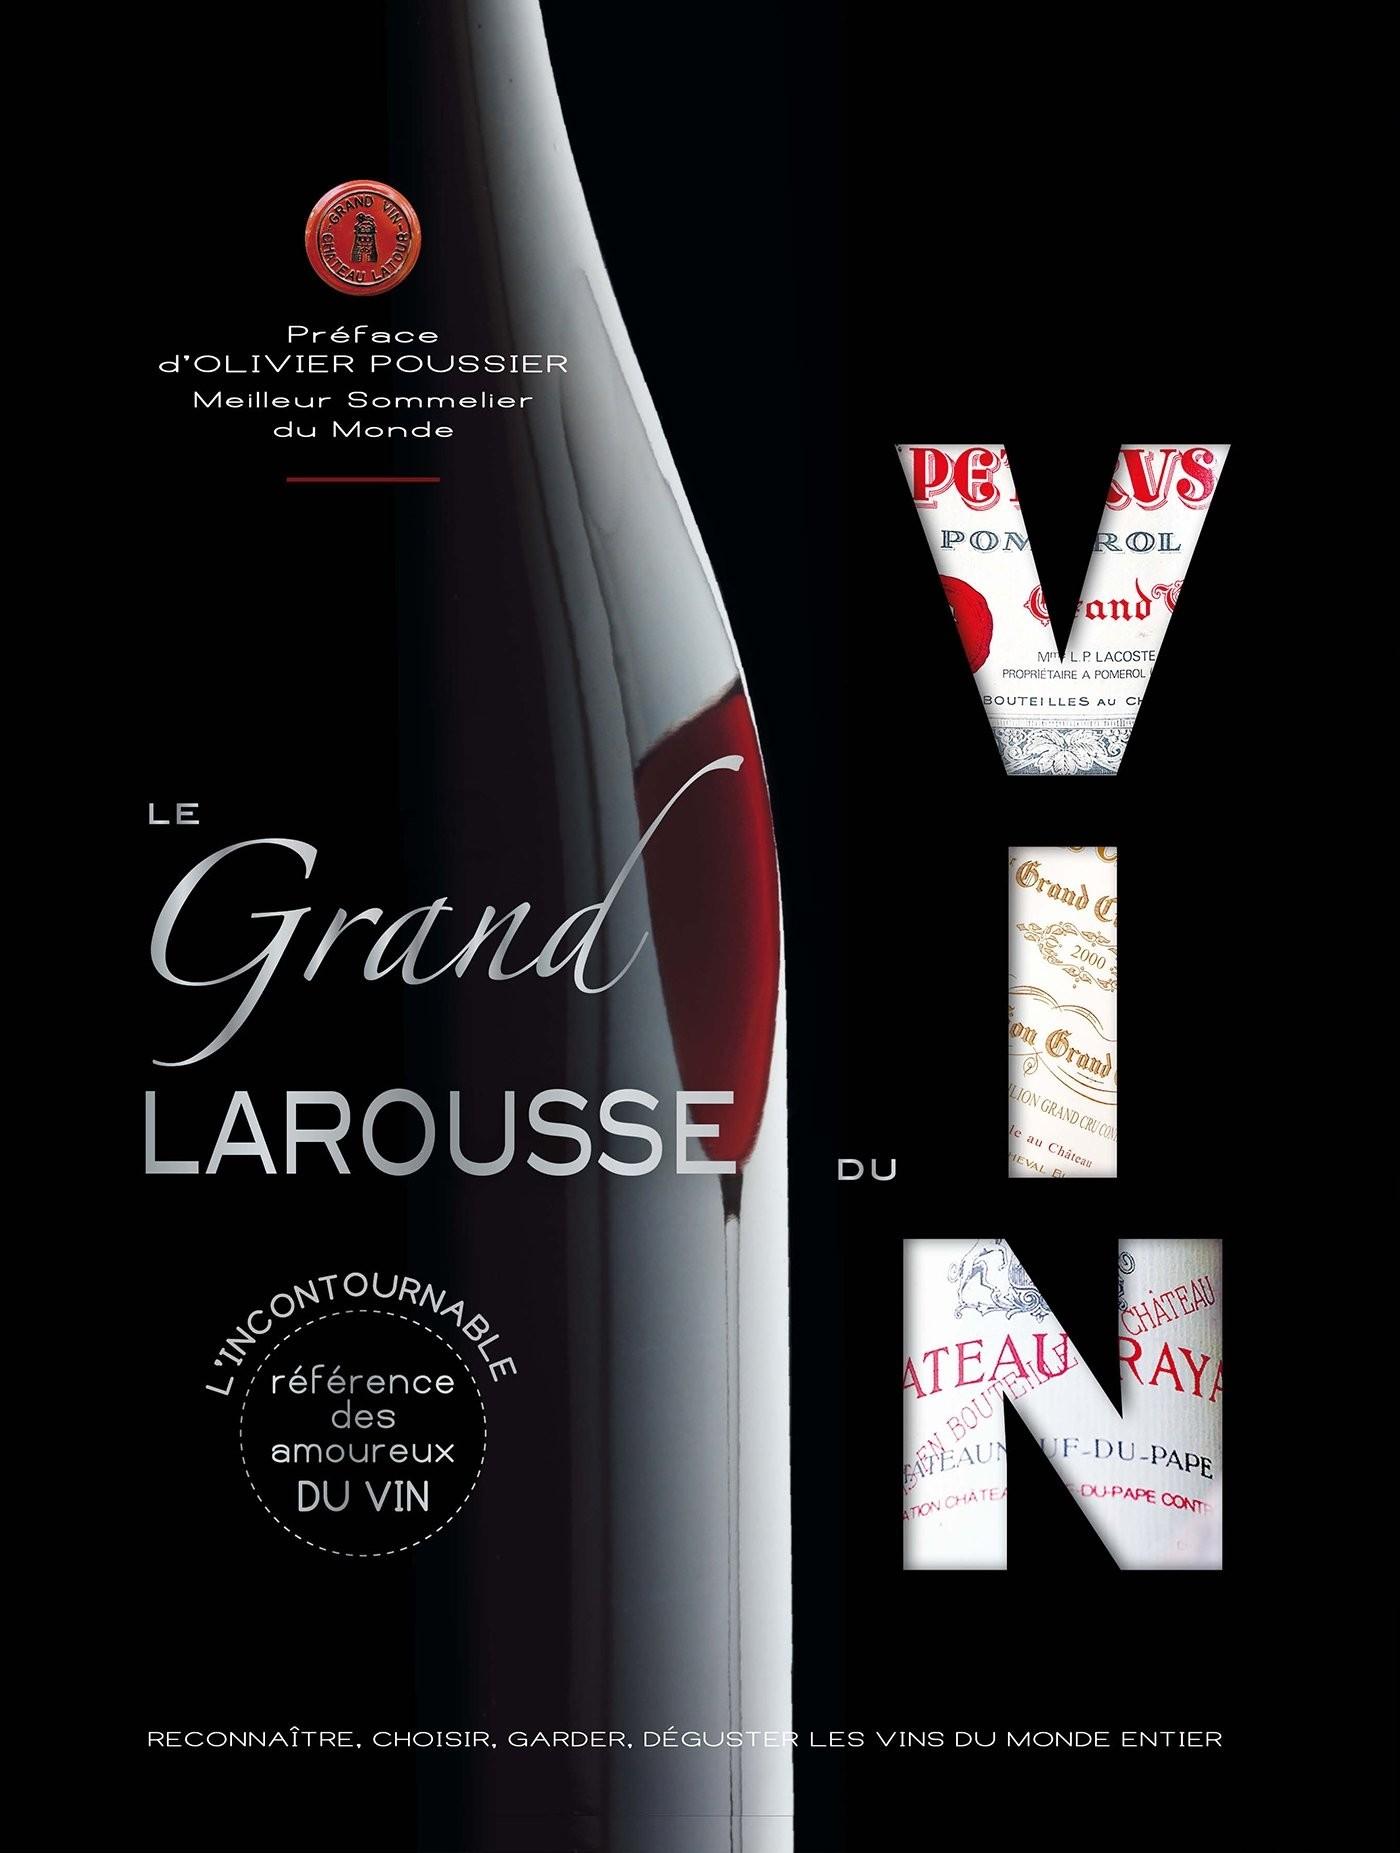 grand larousse vin 2018